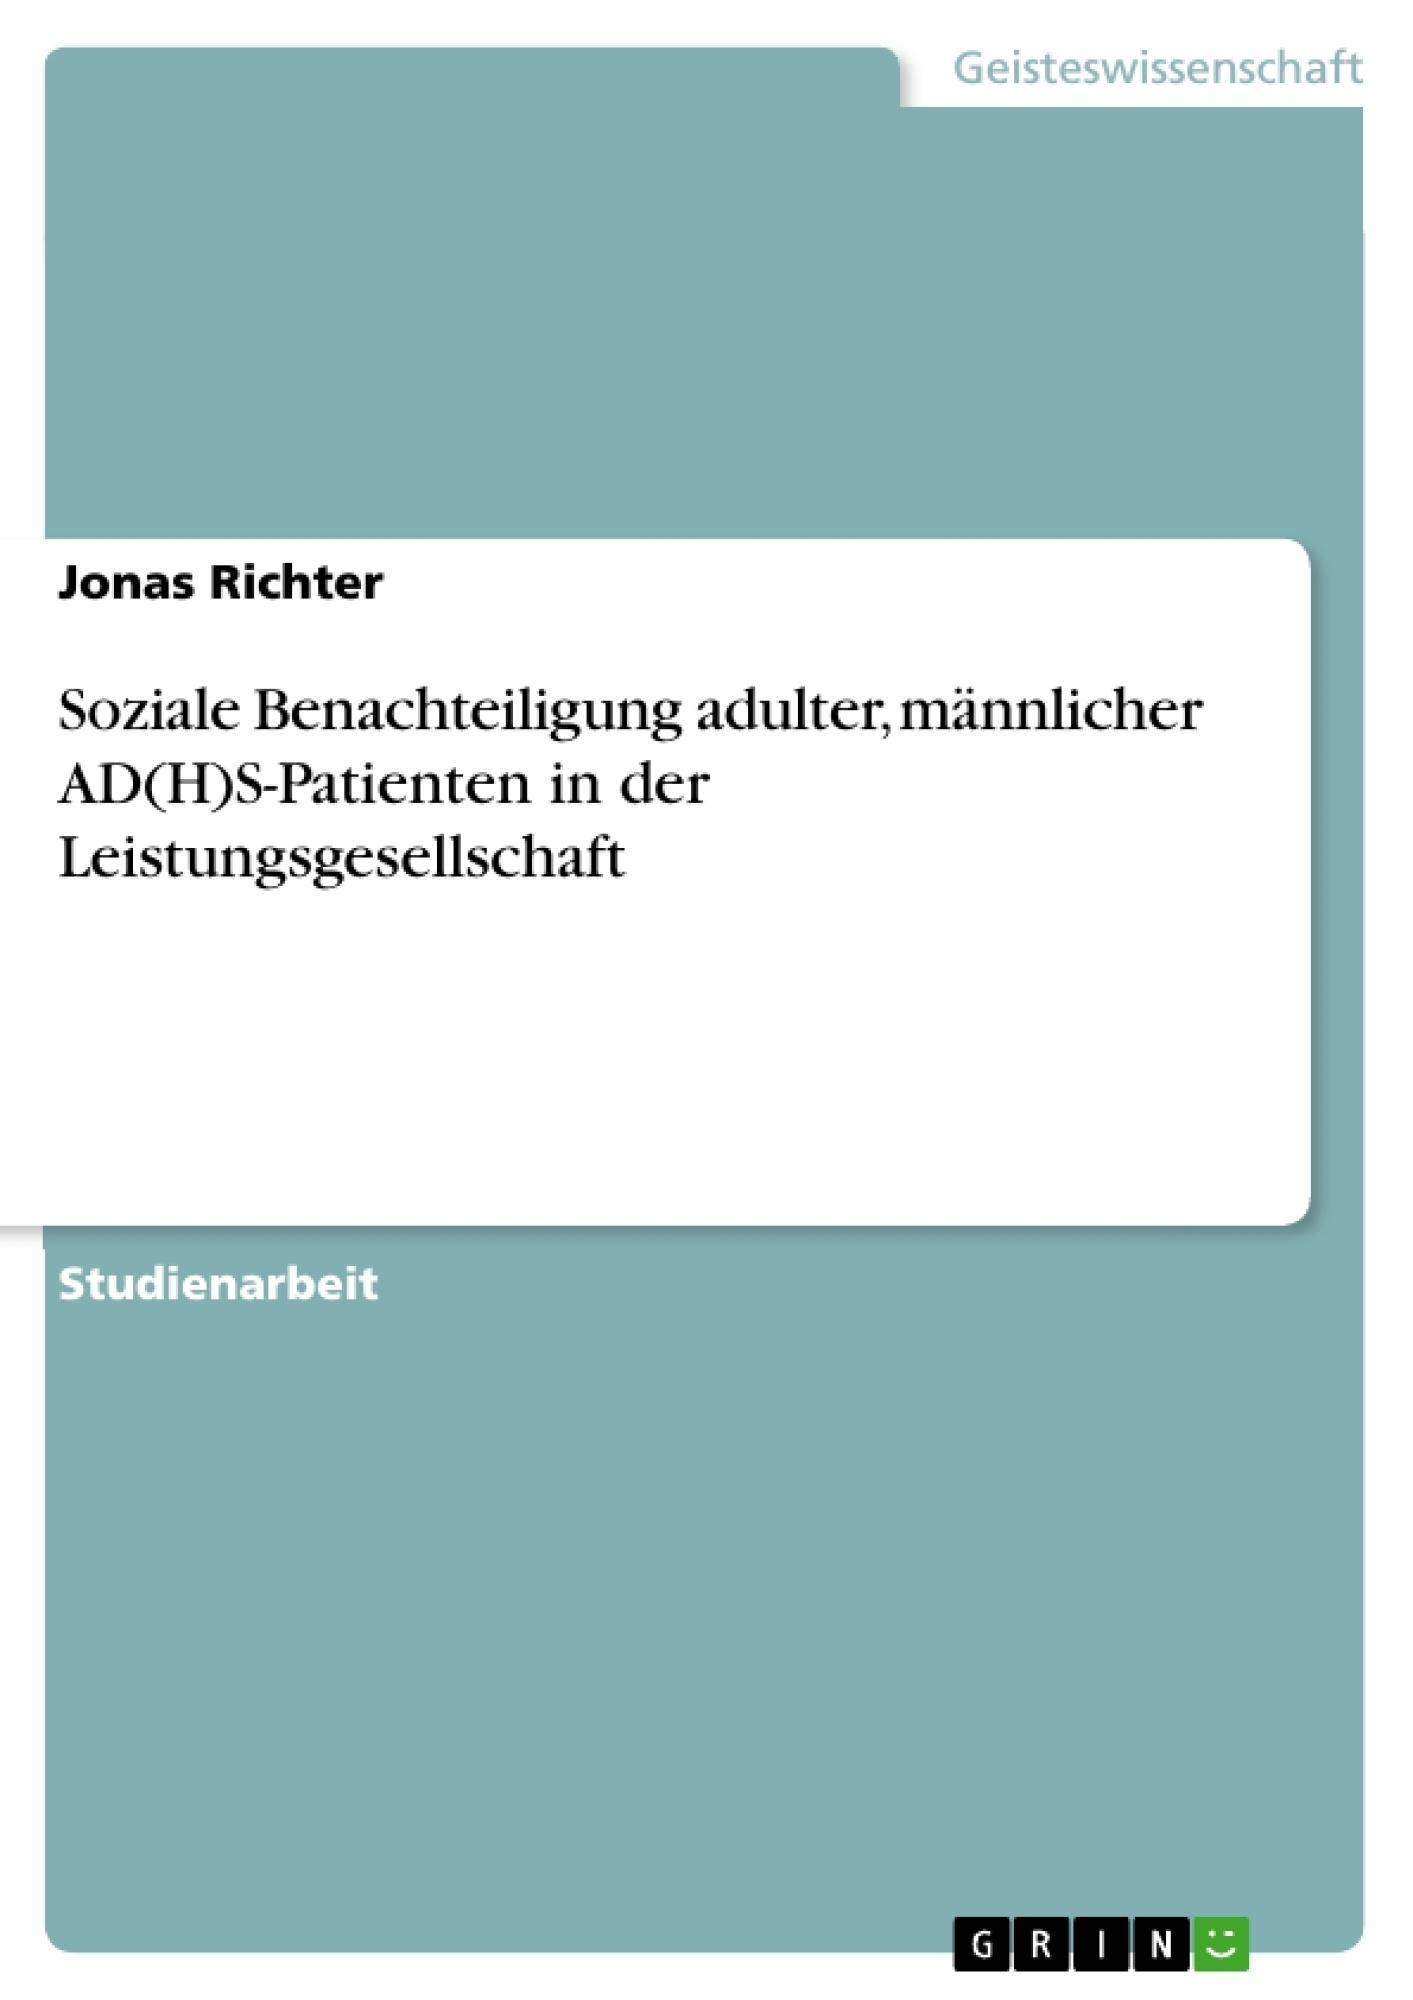 Titel: Soziale Benachteiligung adulter, männlicher AD(H)S-Patienten in der Leistungsgesellschaft